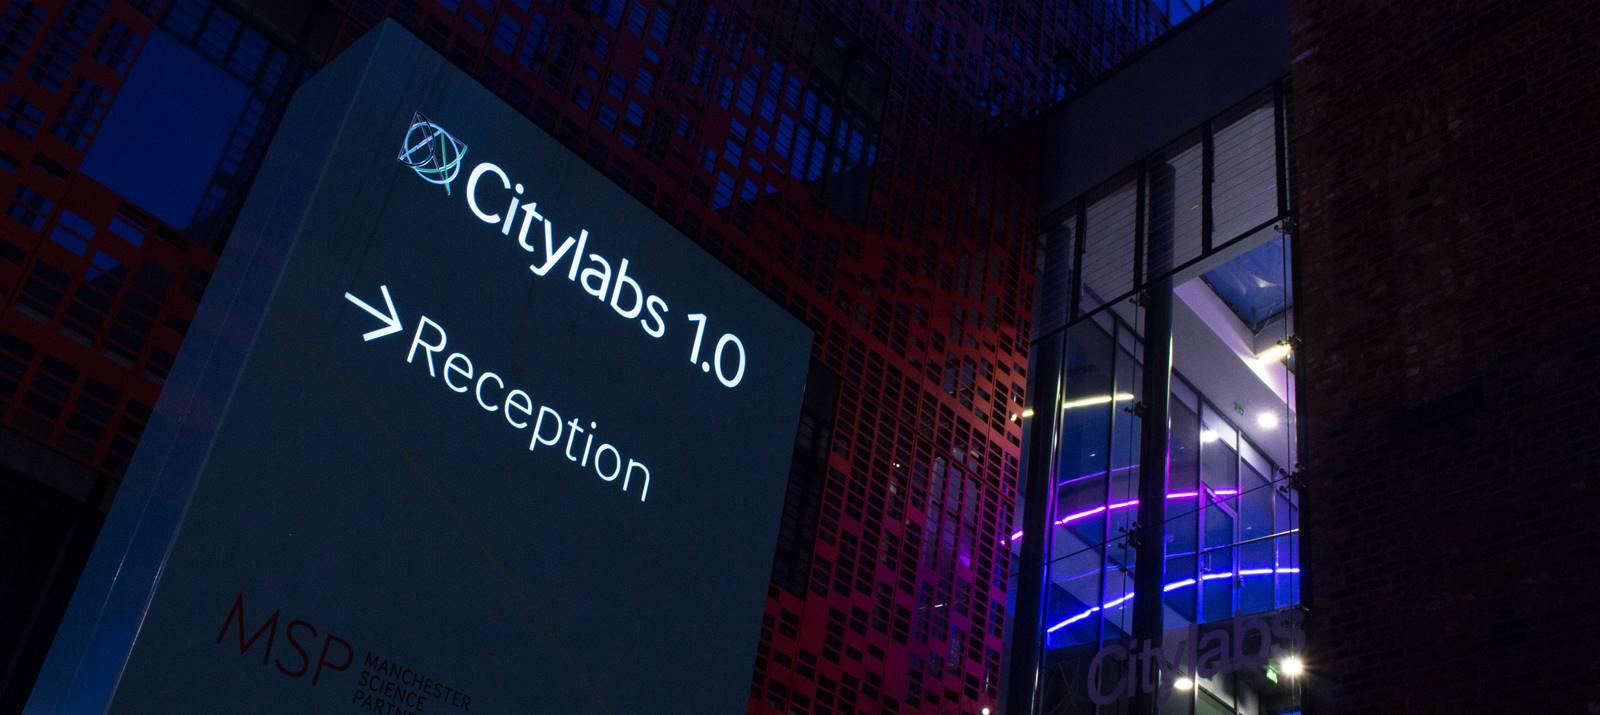 LED illuminated signage at Citylabs Manchester